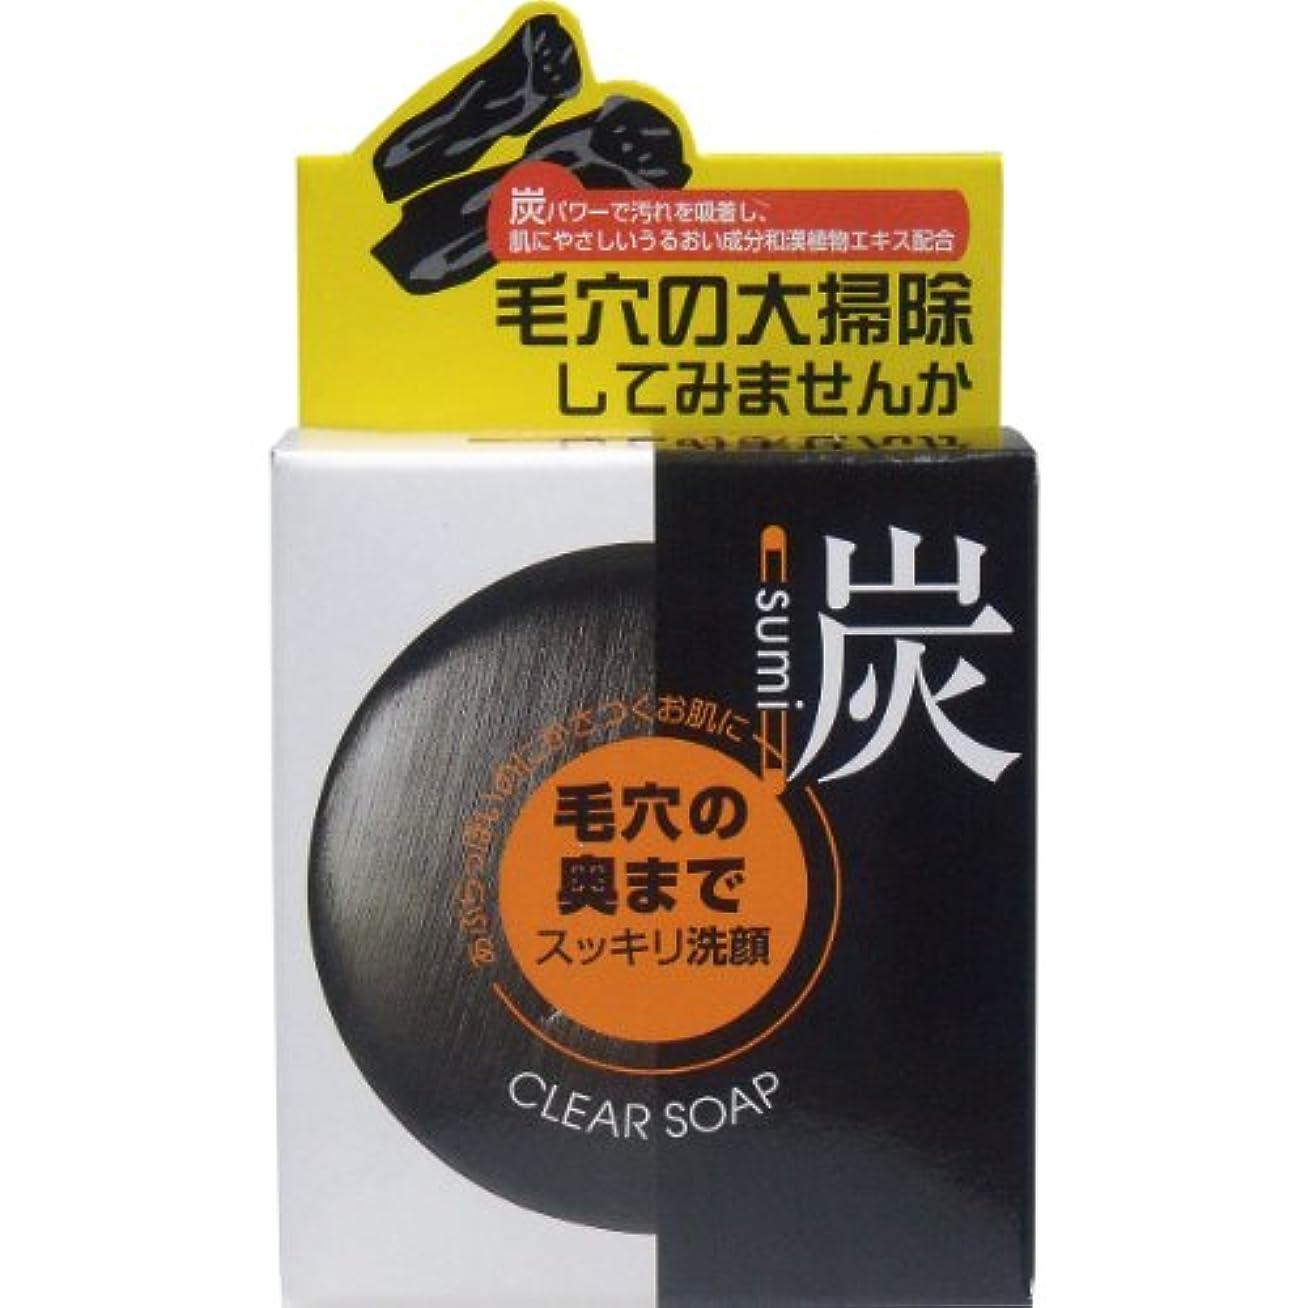 応援するターゲット慈善ユゼ 炭透明石鹸(100g)